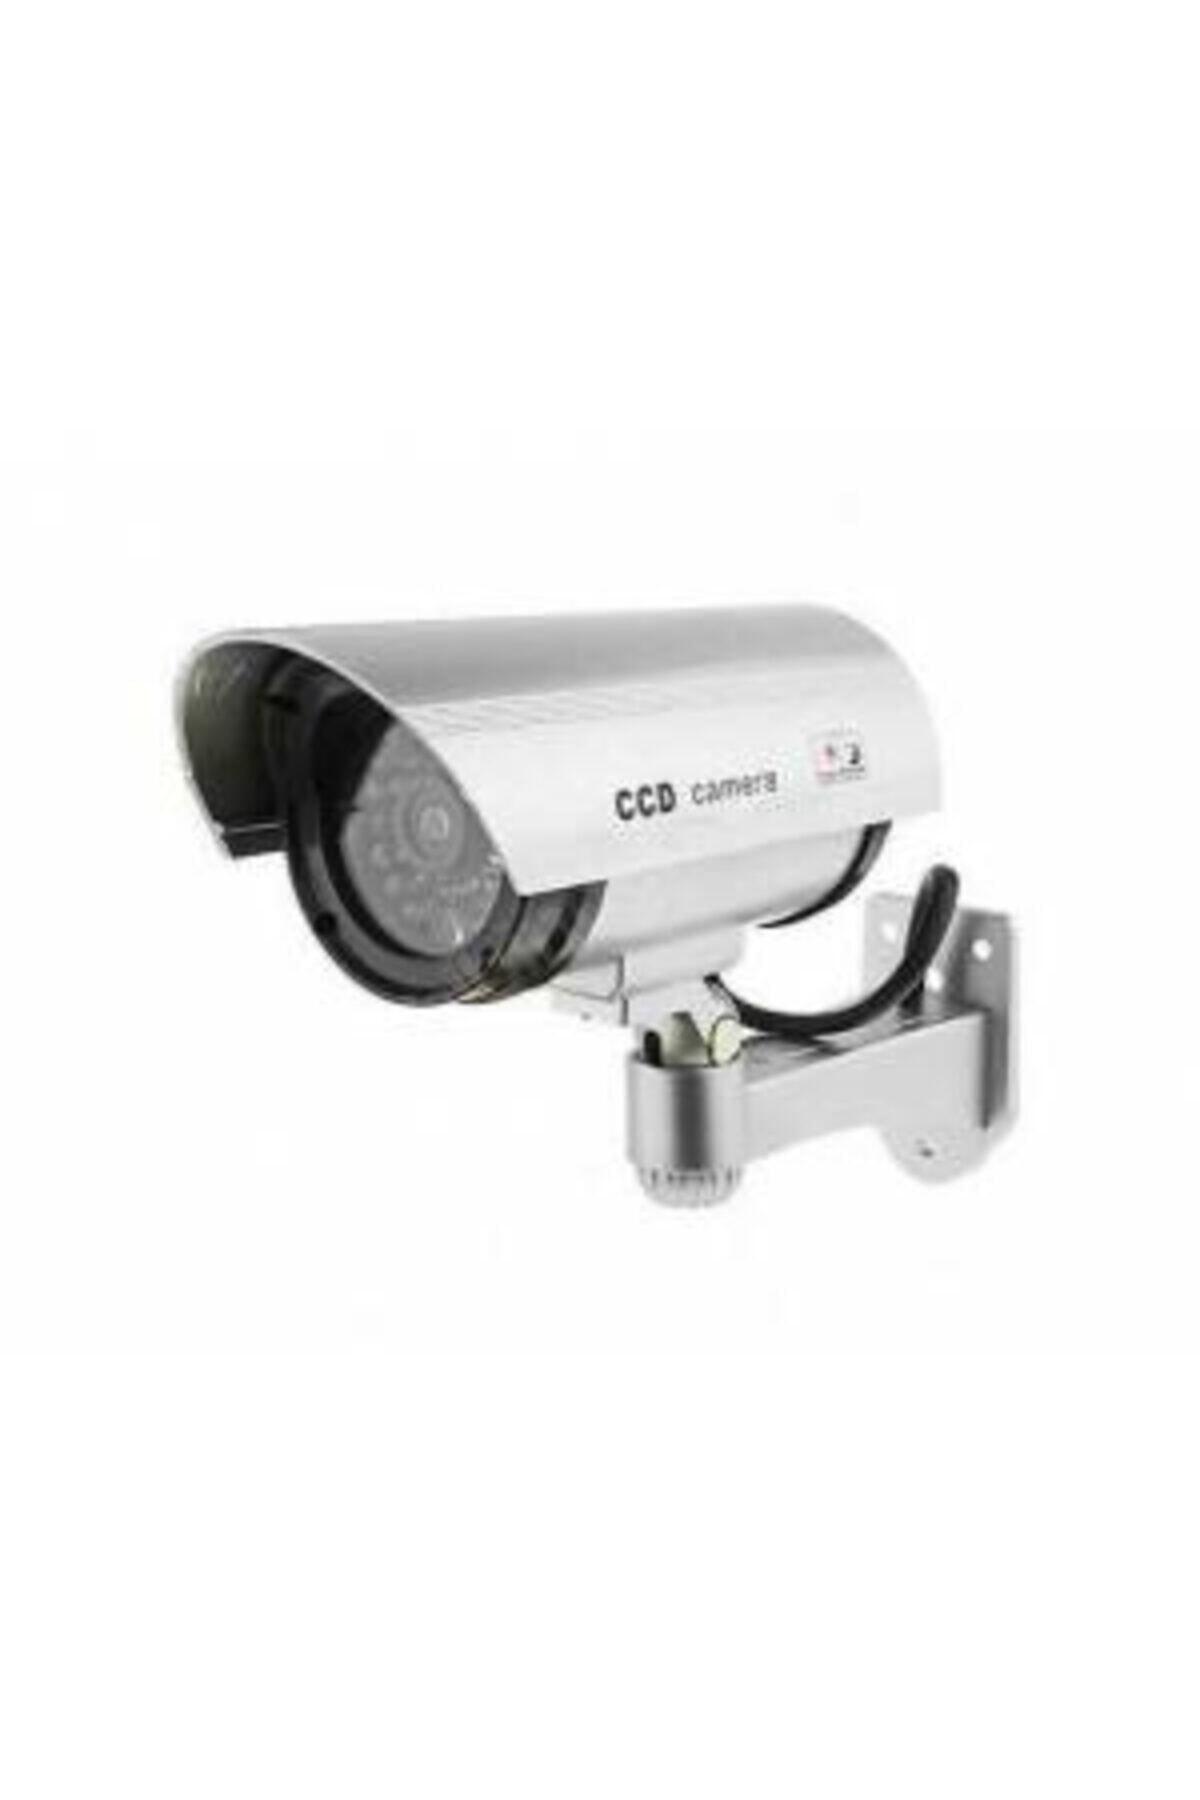 FırsatVar Gece Görüşlü Gerçek Görünümlü Yapay Kamera 2